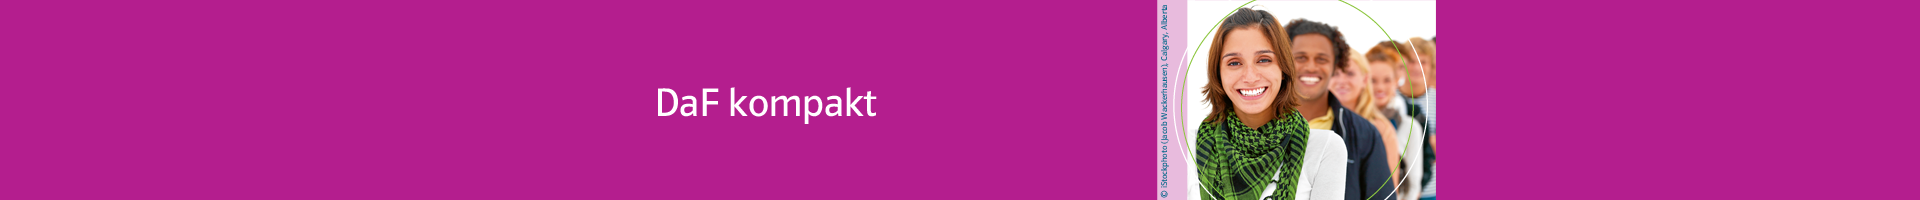 DaF kompakt | Lehrwerk | Deutsch als Fremdsprache (DaF) | Klett Sprachen